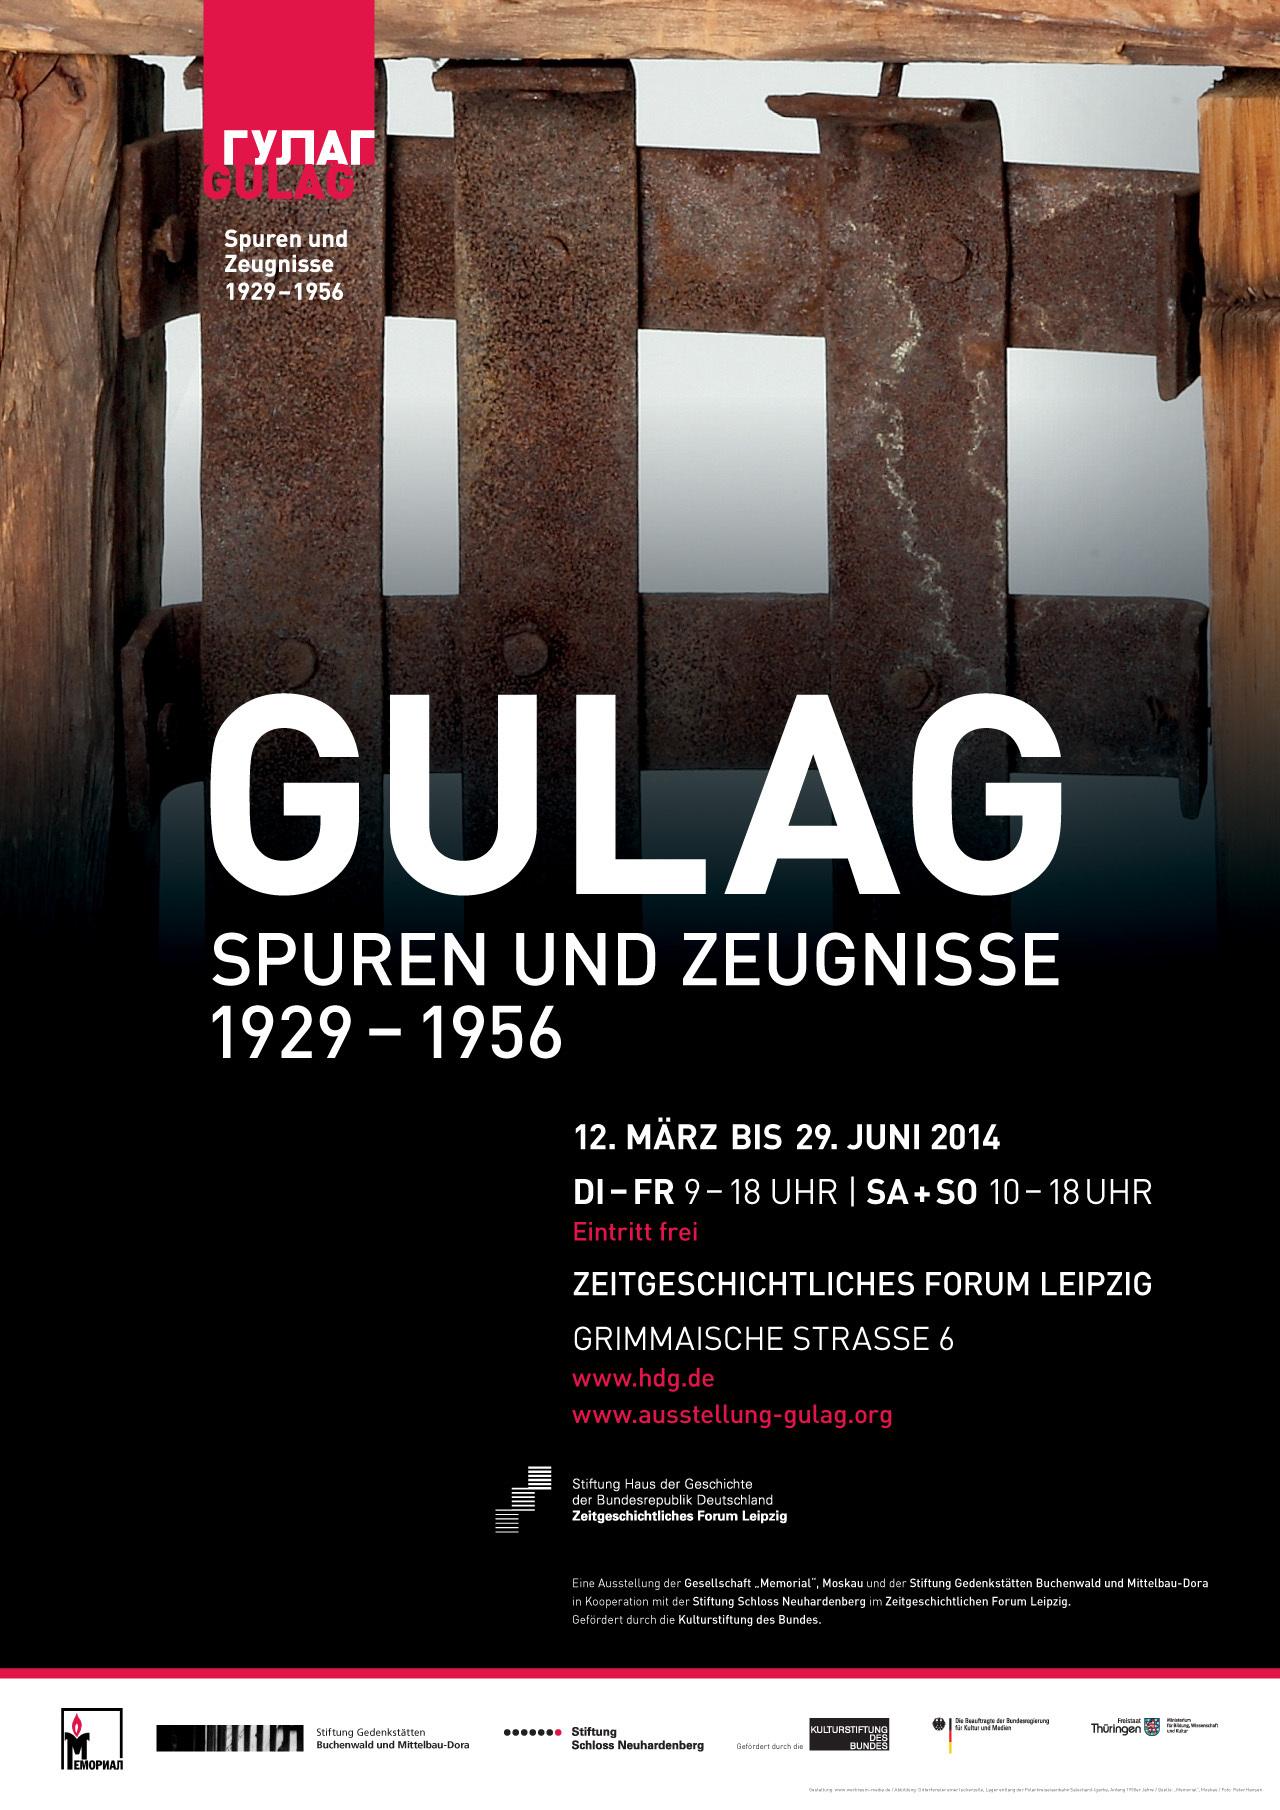 Ausstellungsplakat Gulag. Spuren und Zeugnisse 1929 - 1956